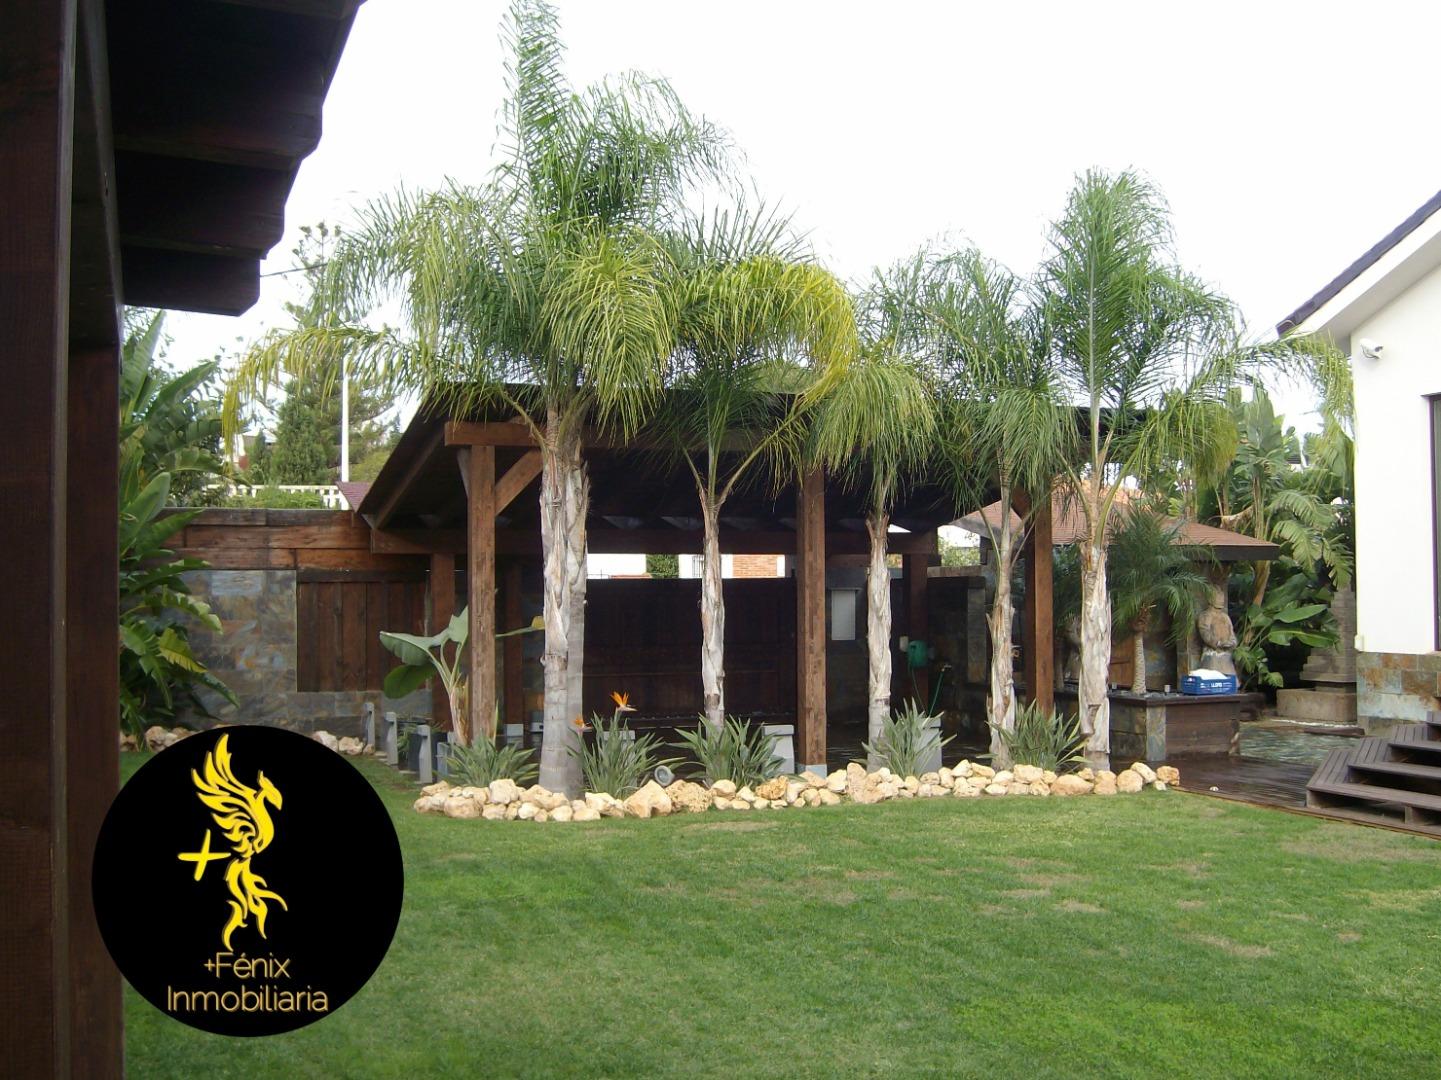 Location Maison  La pobla de vallbona - urbanización san martín - les penyes - vi. Se vende  espectacular chalet de diseño con encanto. tiene  350